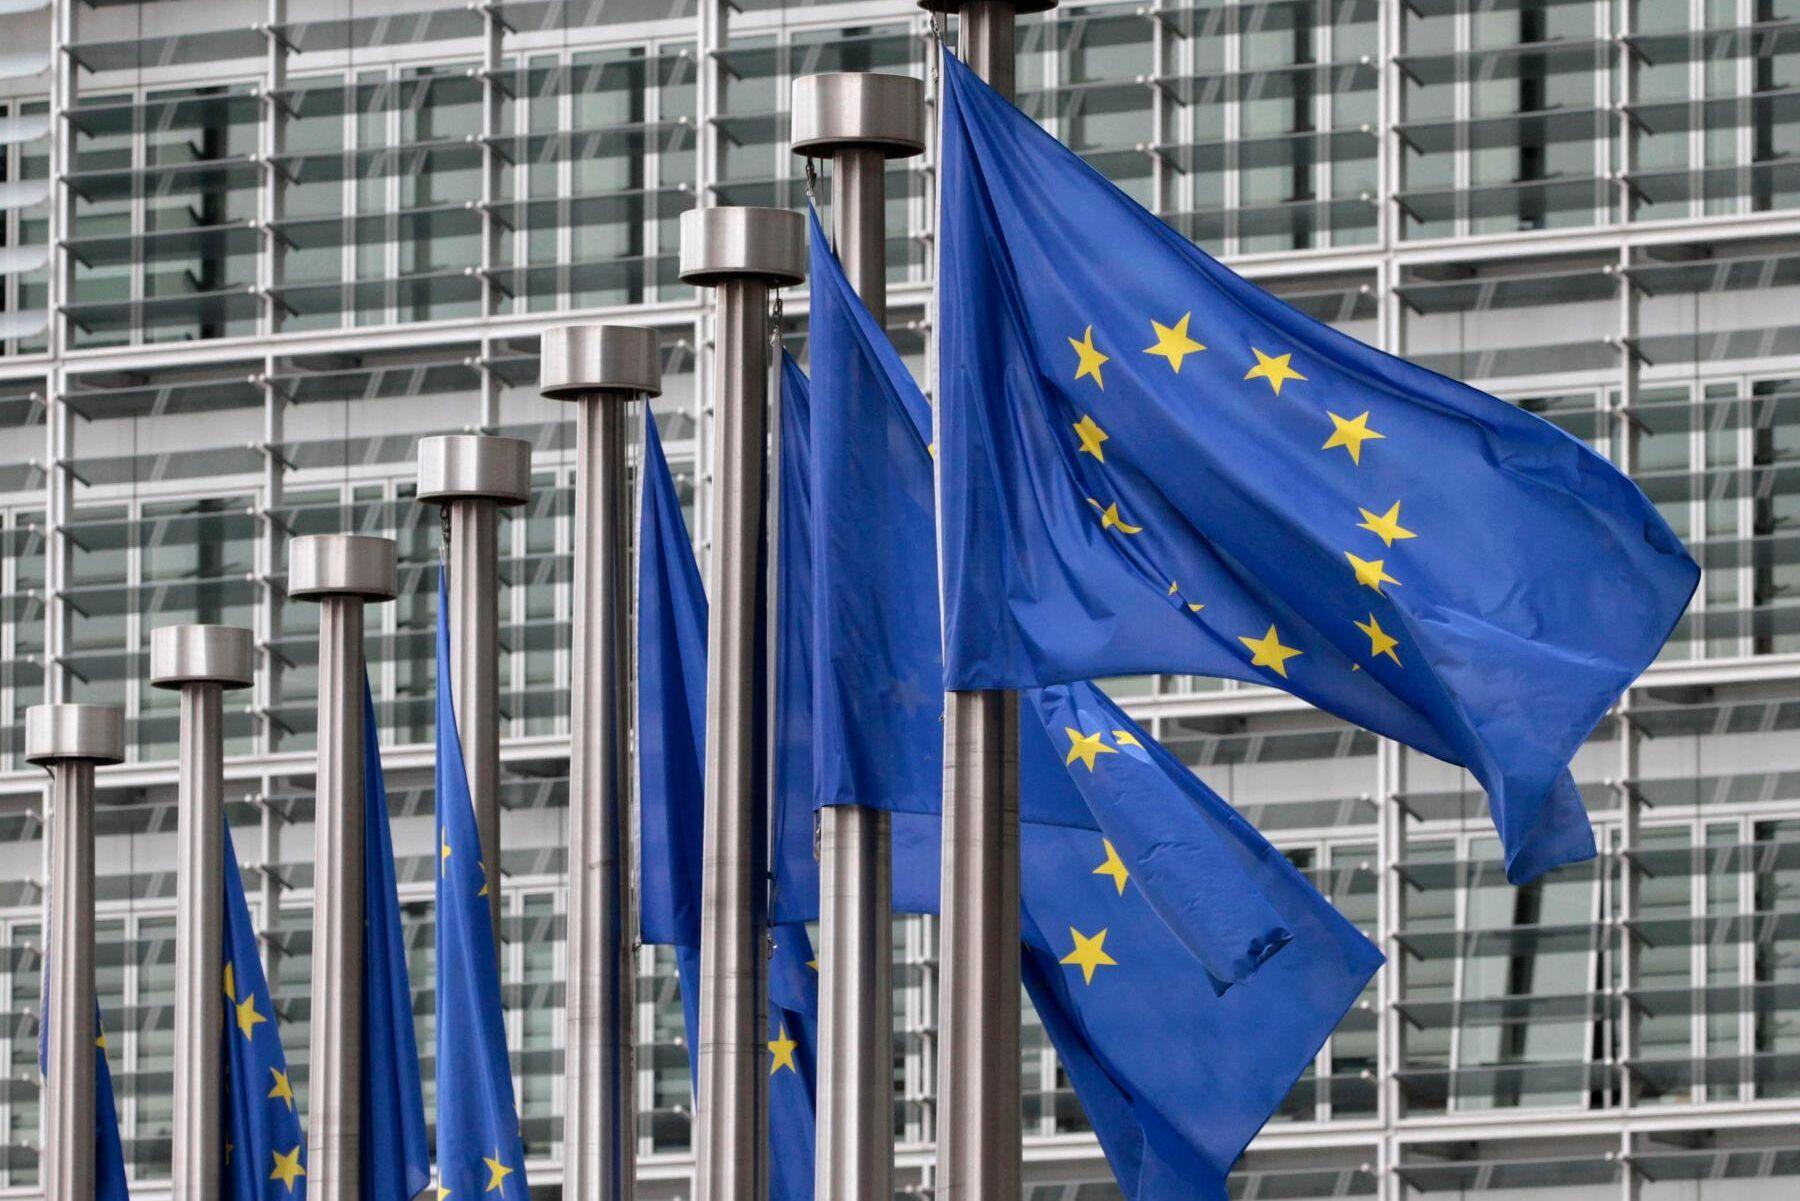 EU:s skogsstrategi riskerar att överföra de delar av skogspolitiken som Sverige i dag styr över till att avgöras i Bryssel.